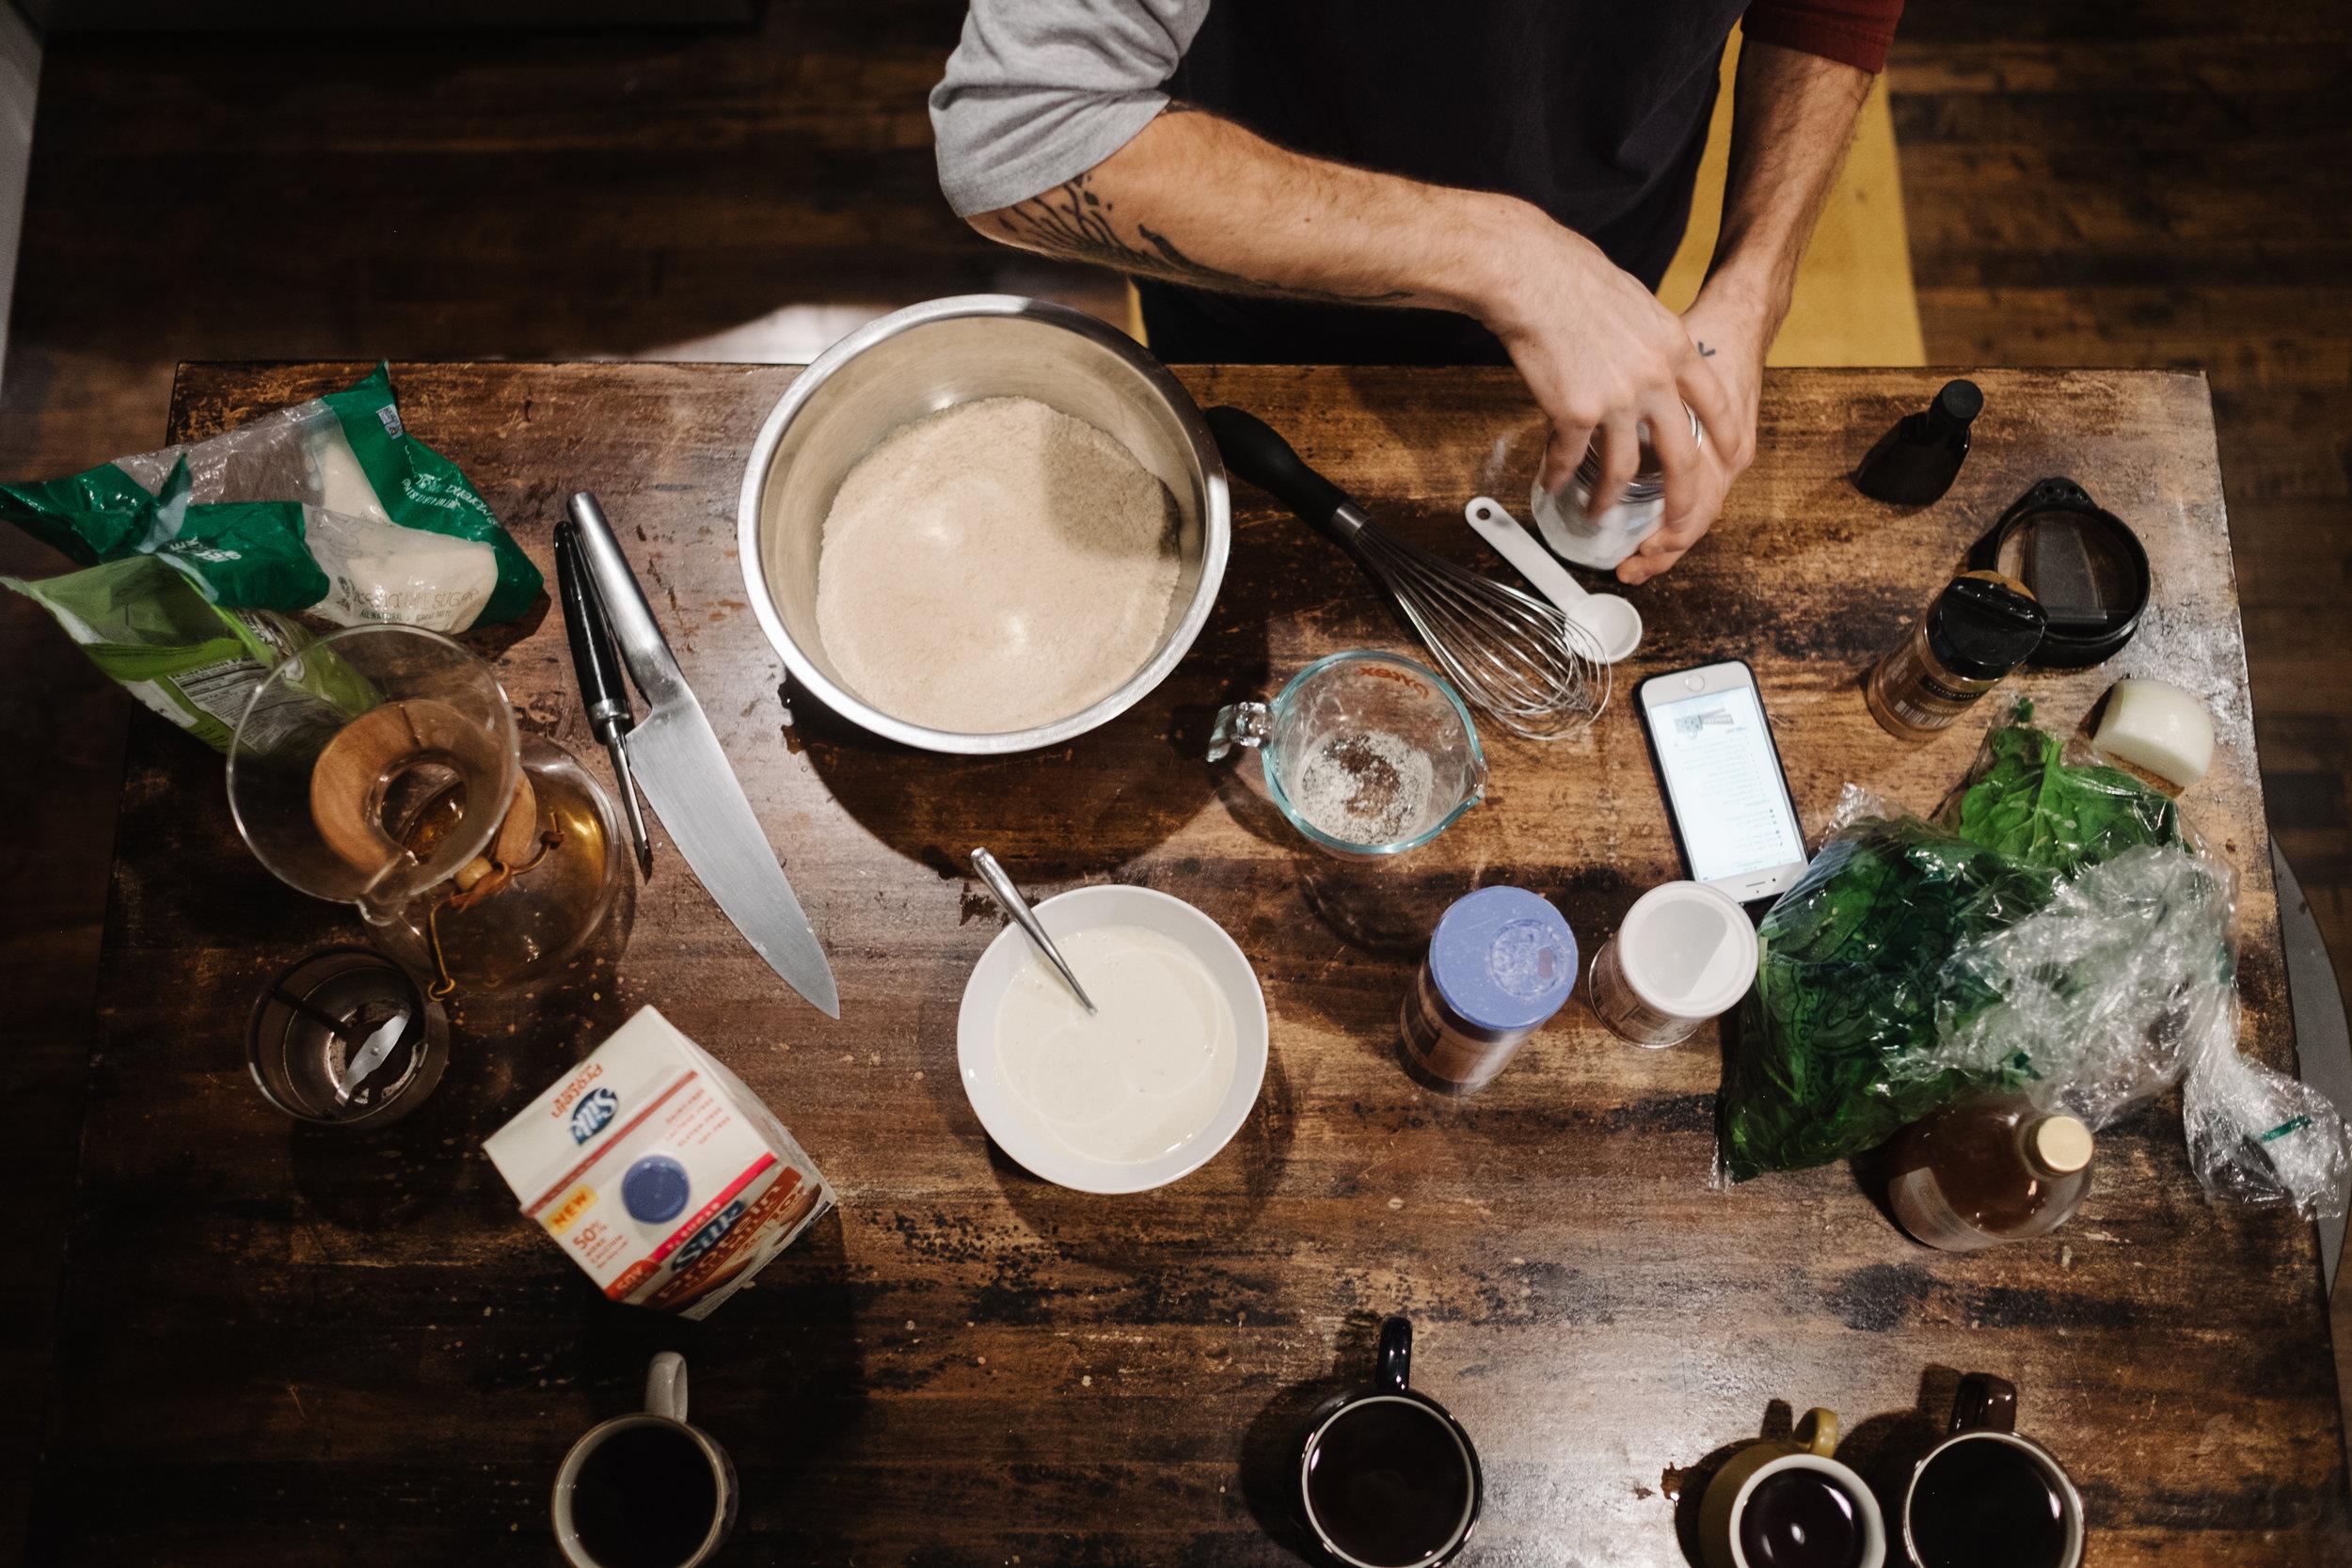 breakfast ingredients on table